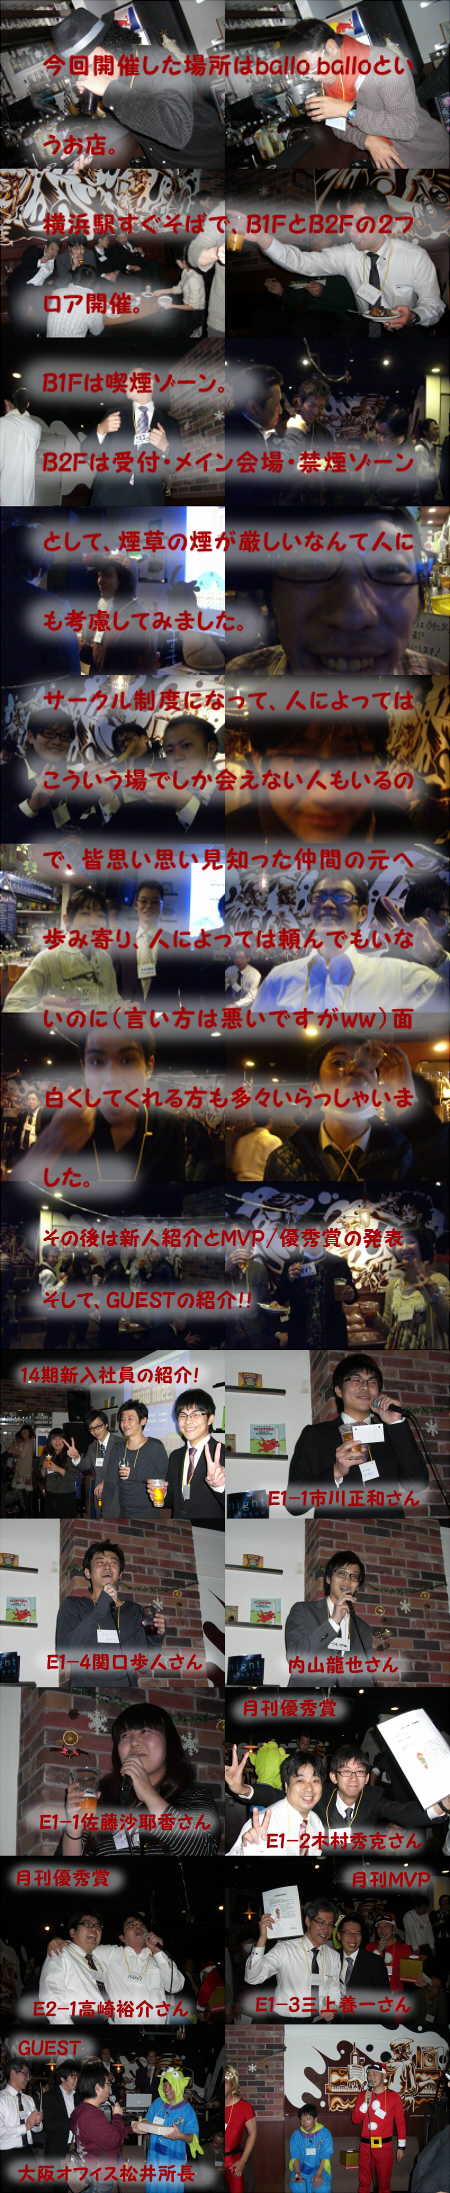 2013年東京オフィス大忘年会!!_e0206865_16293514.jpg